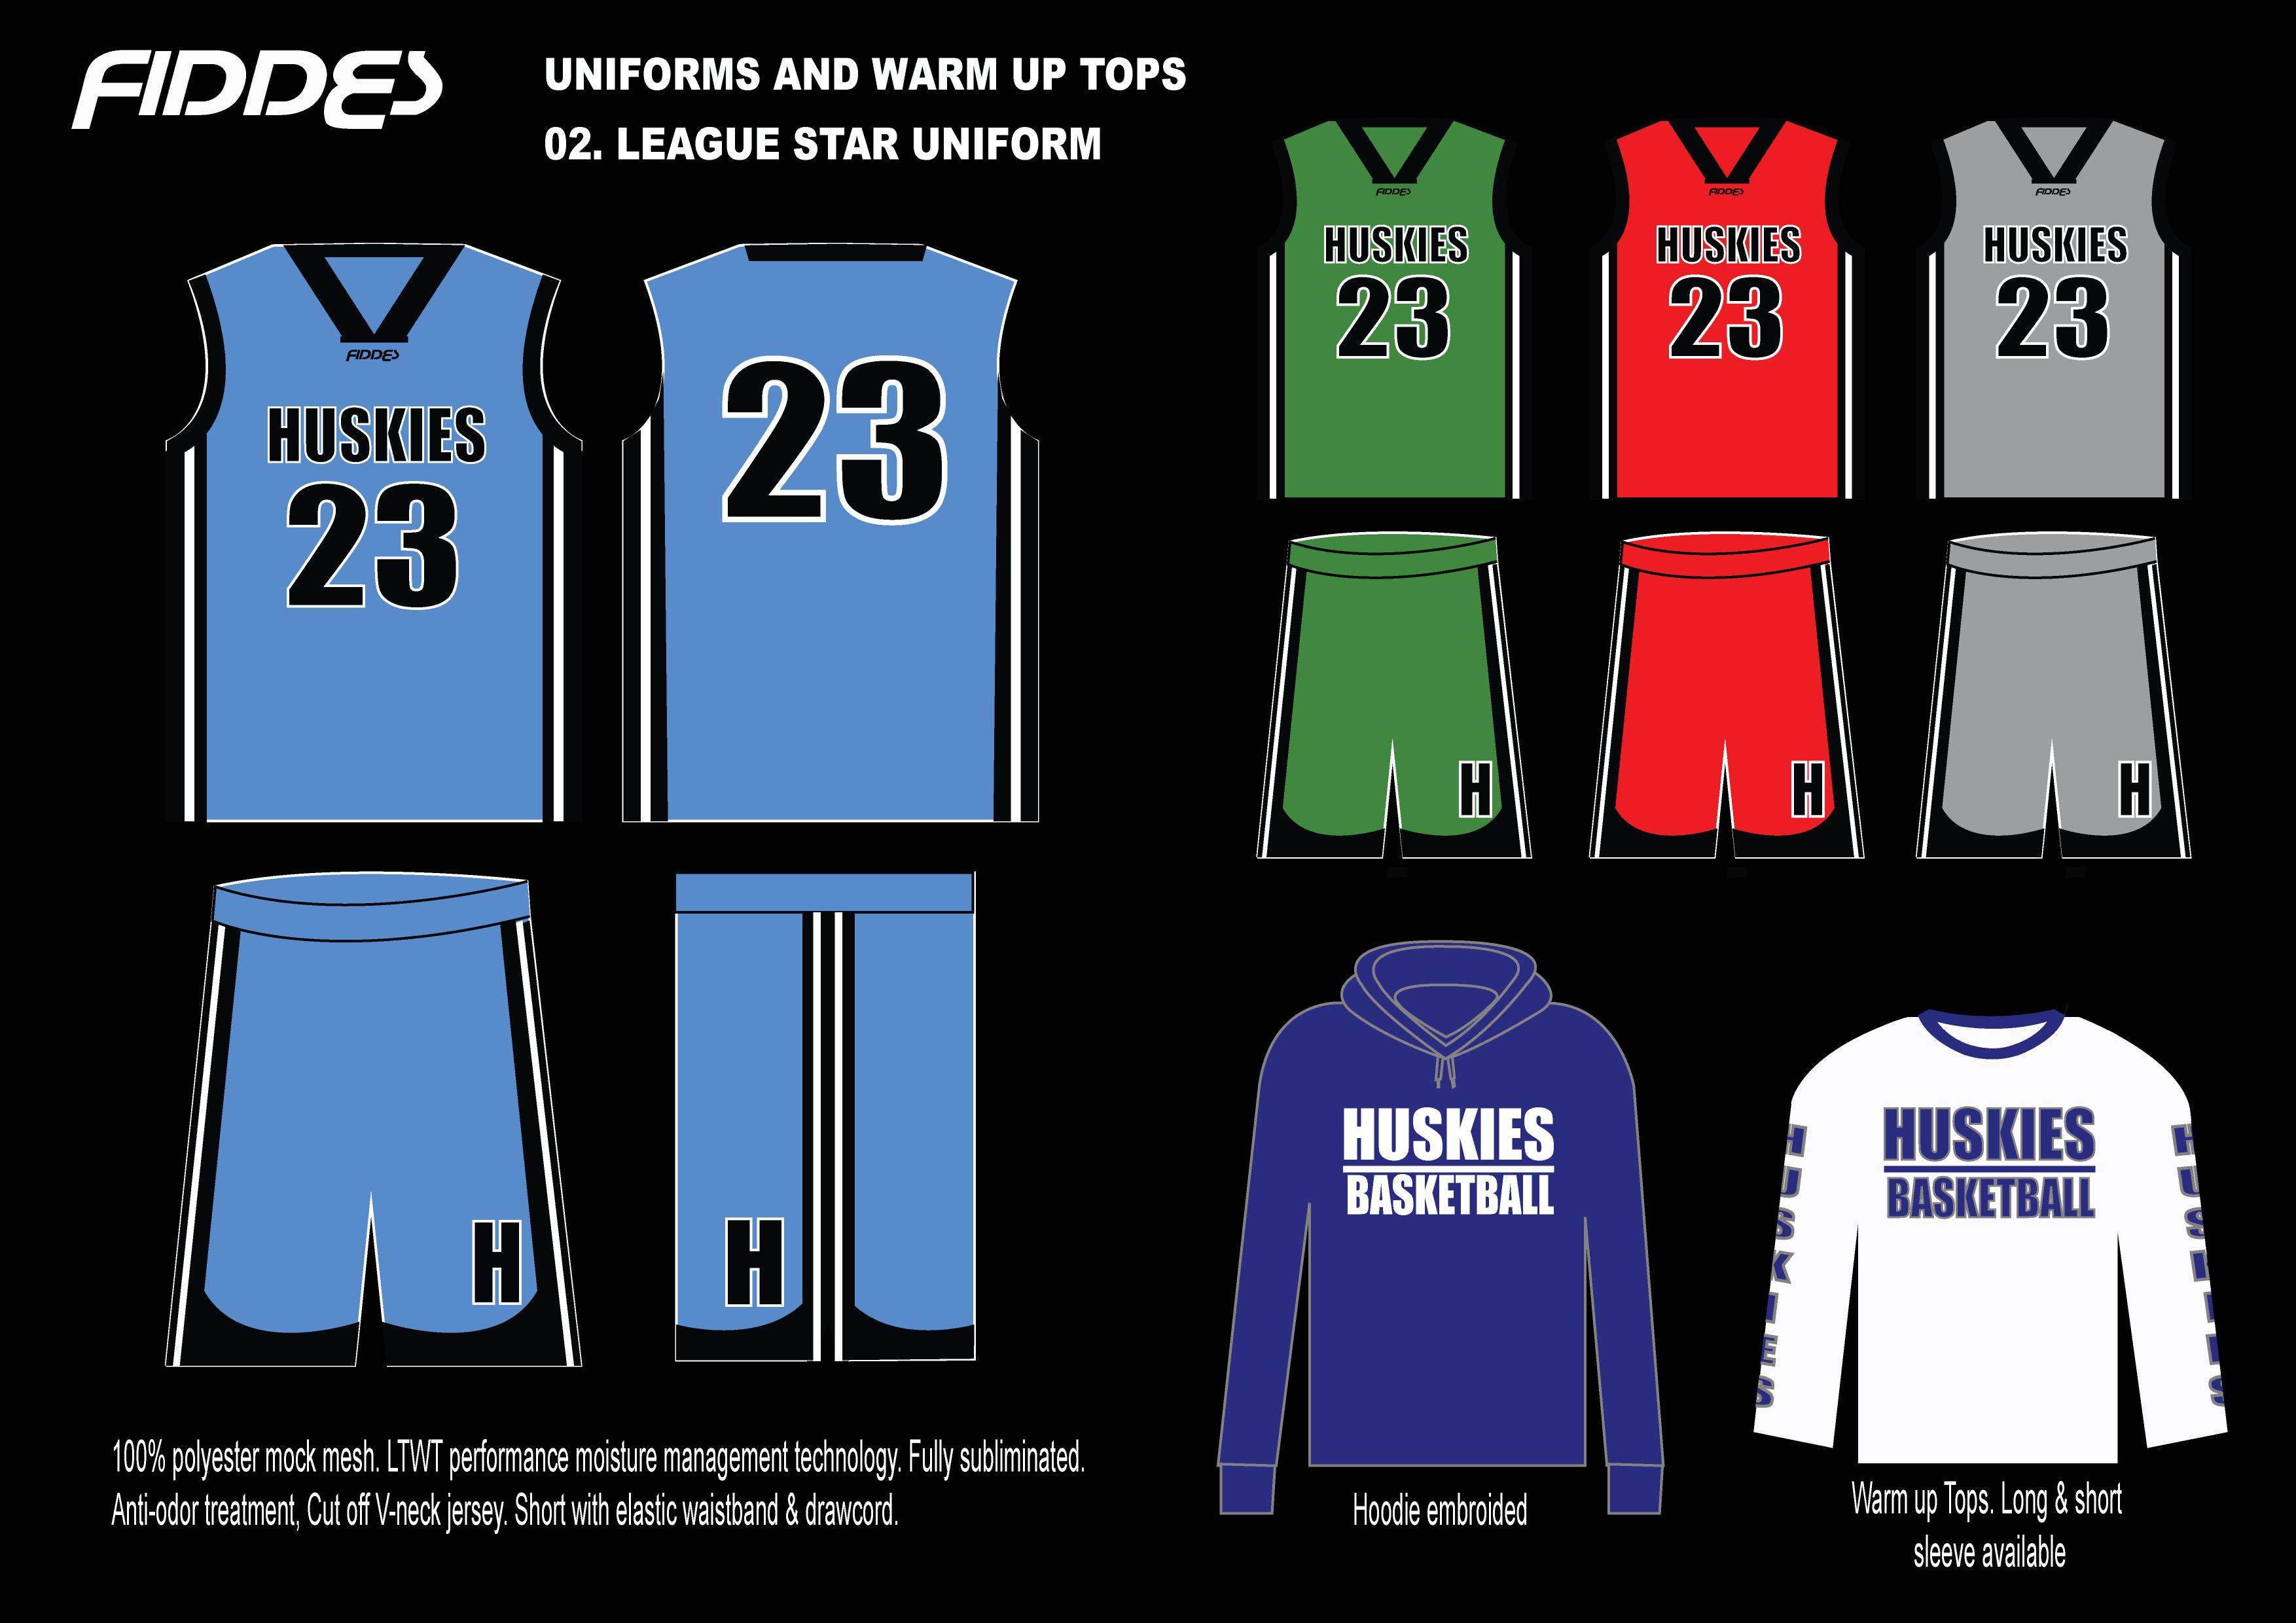 02. League Star Uniform